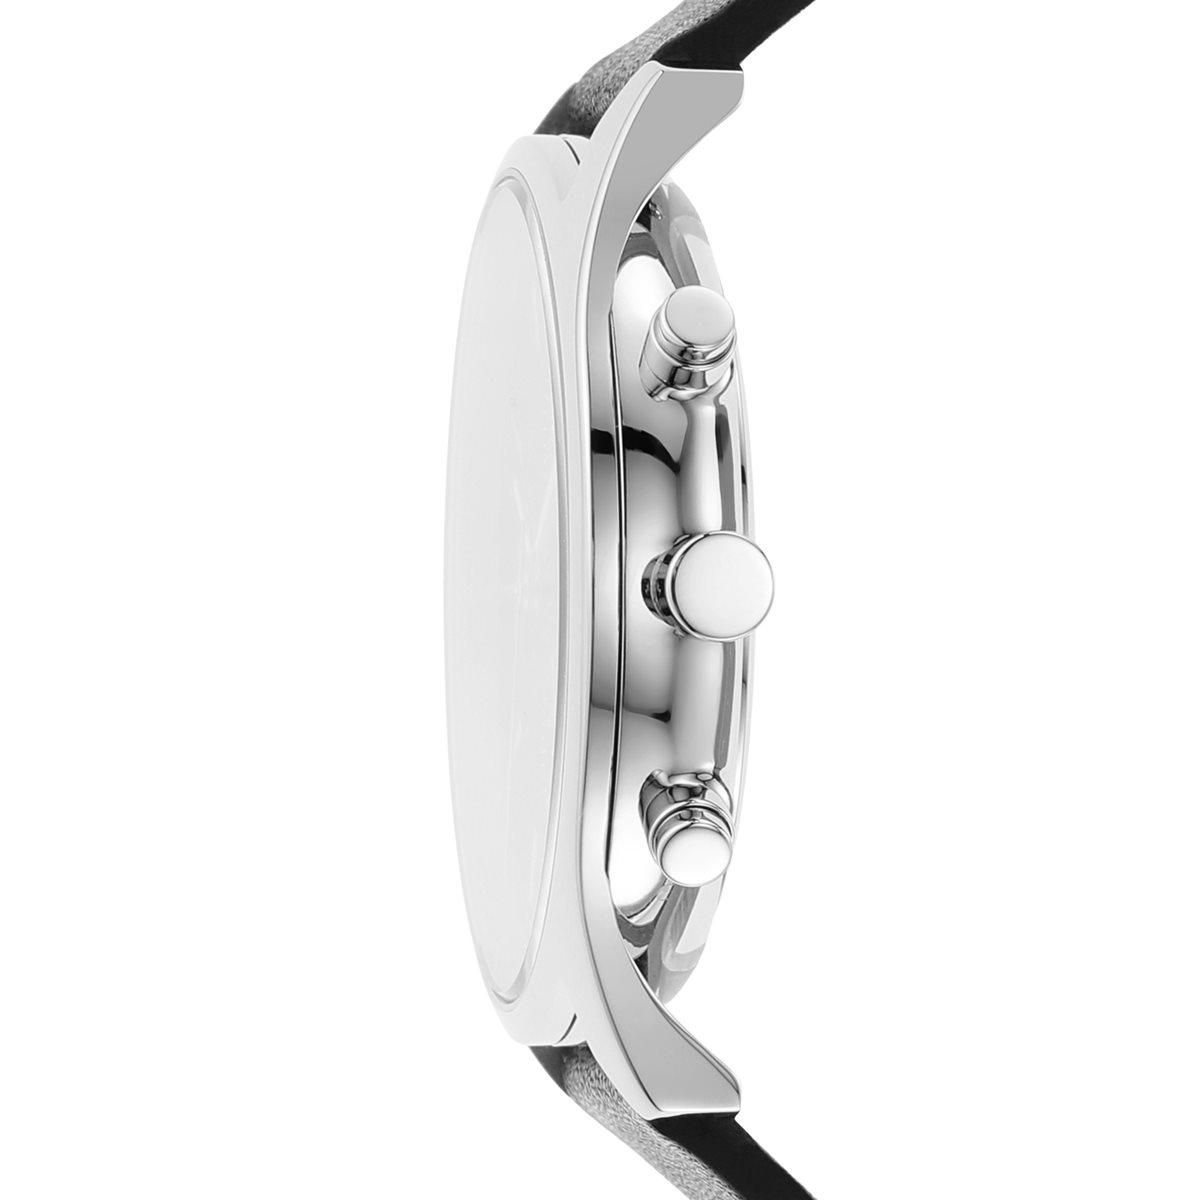 スカーゲン SKAGEN 腕時計 メンズ ホルスト HOLST クロノグラフ SKW6606